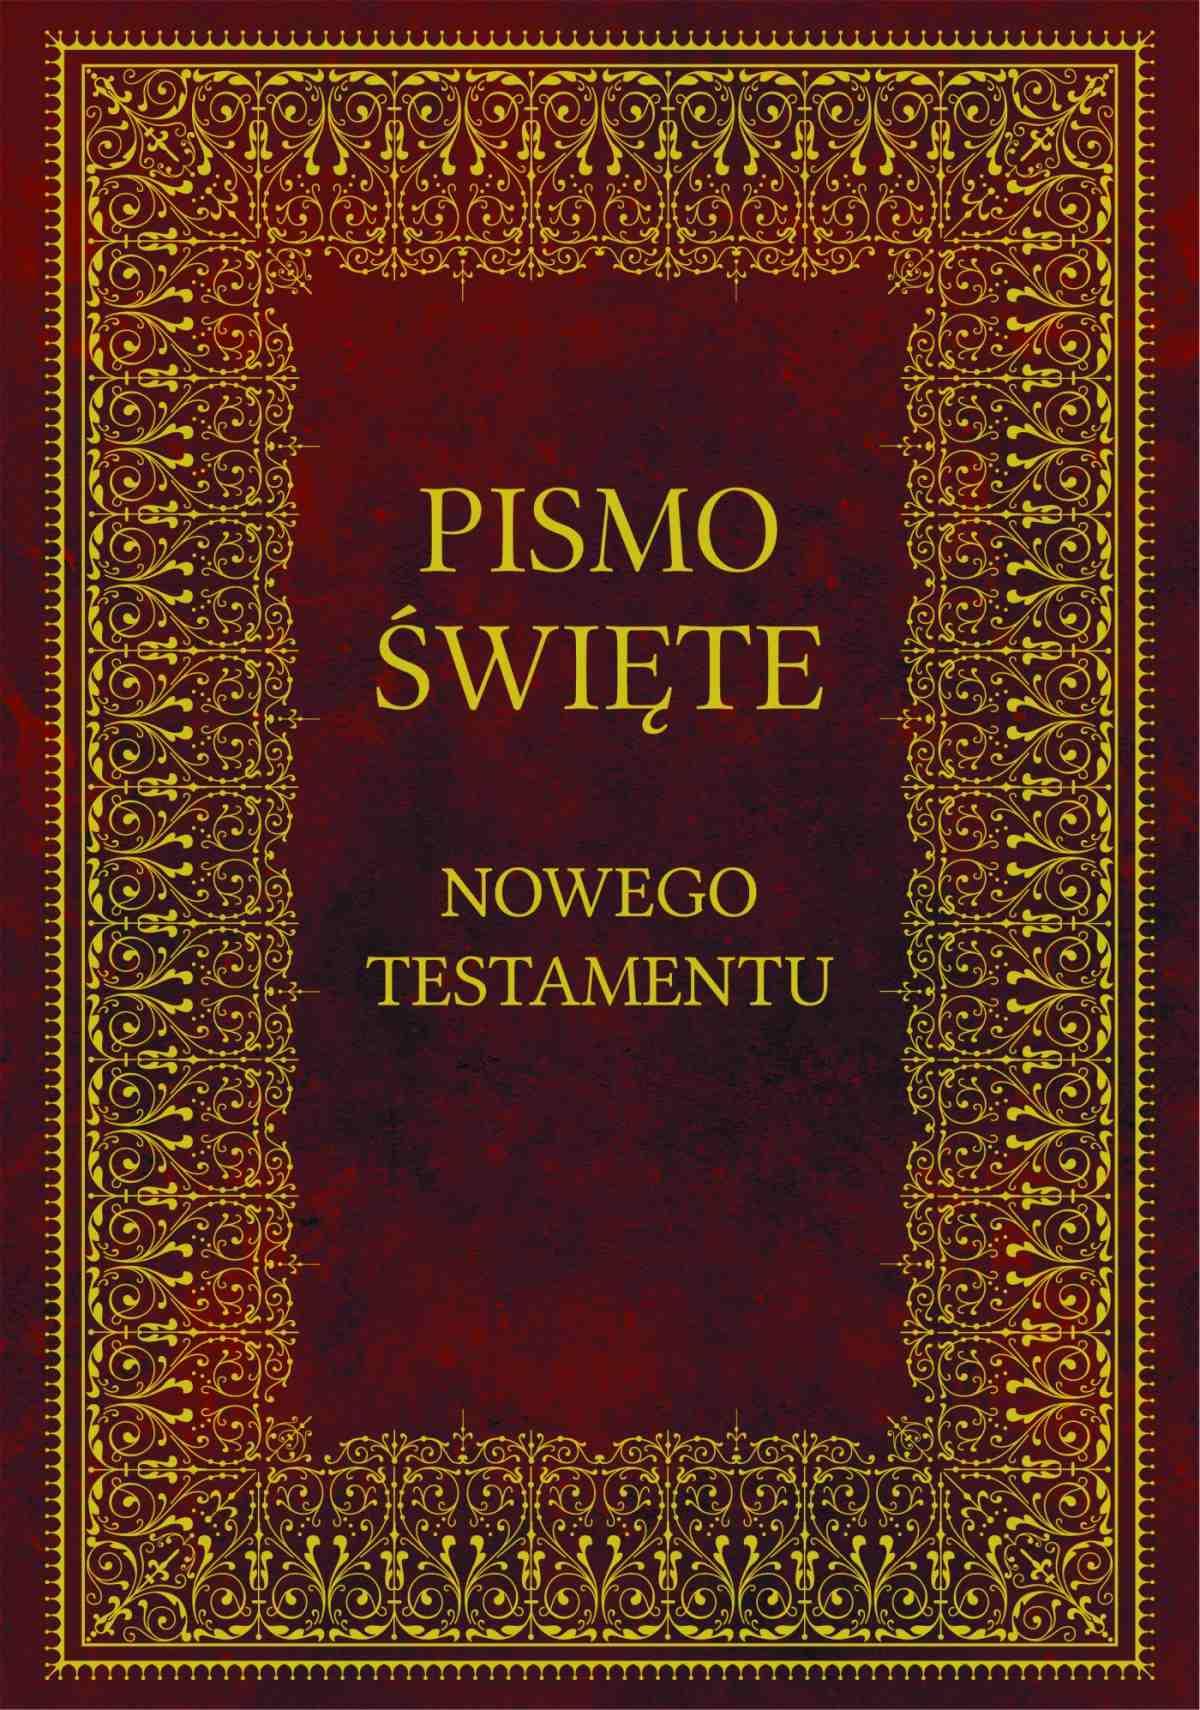 Biblia. Pismo Święte Nowego Testamentu - Ebook (Książka na Kindle) do pobrania w formacie MOBI